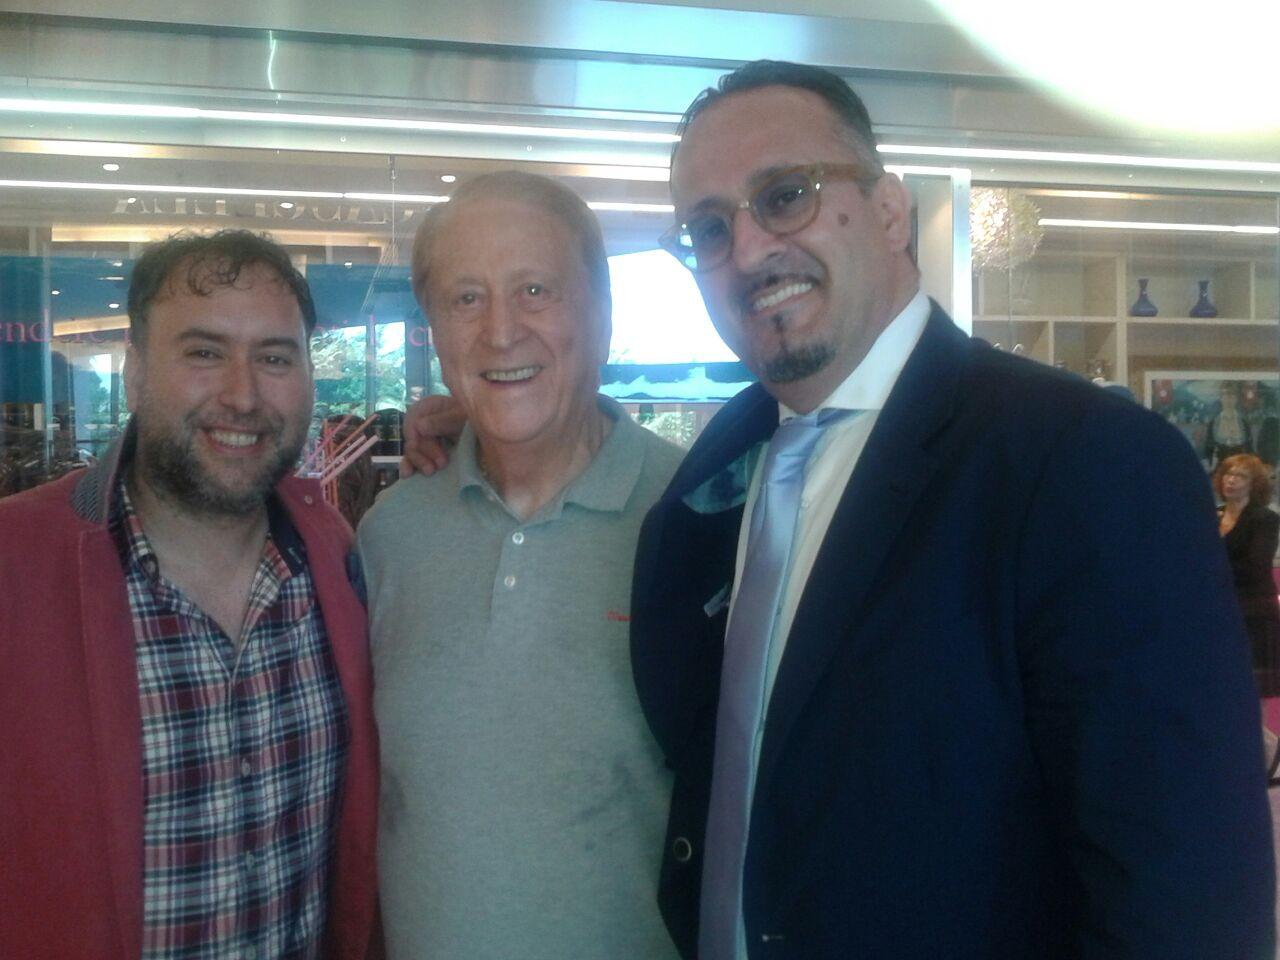 Alla sinistra di Biscardi il Sommelier Vinaccia, alla destra del giornalista sportivo dai capelli color vinaccia, un mio collega, lo Showmmelier Giampaolo Mariani